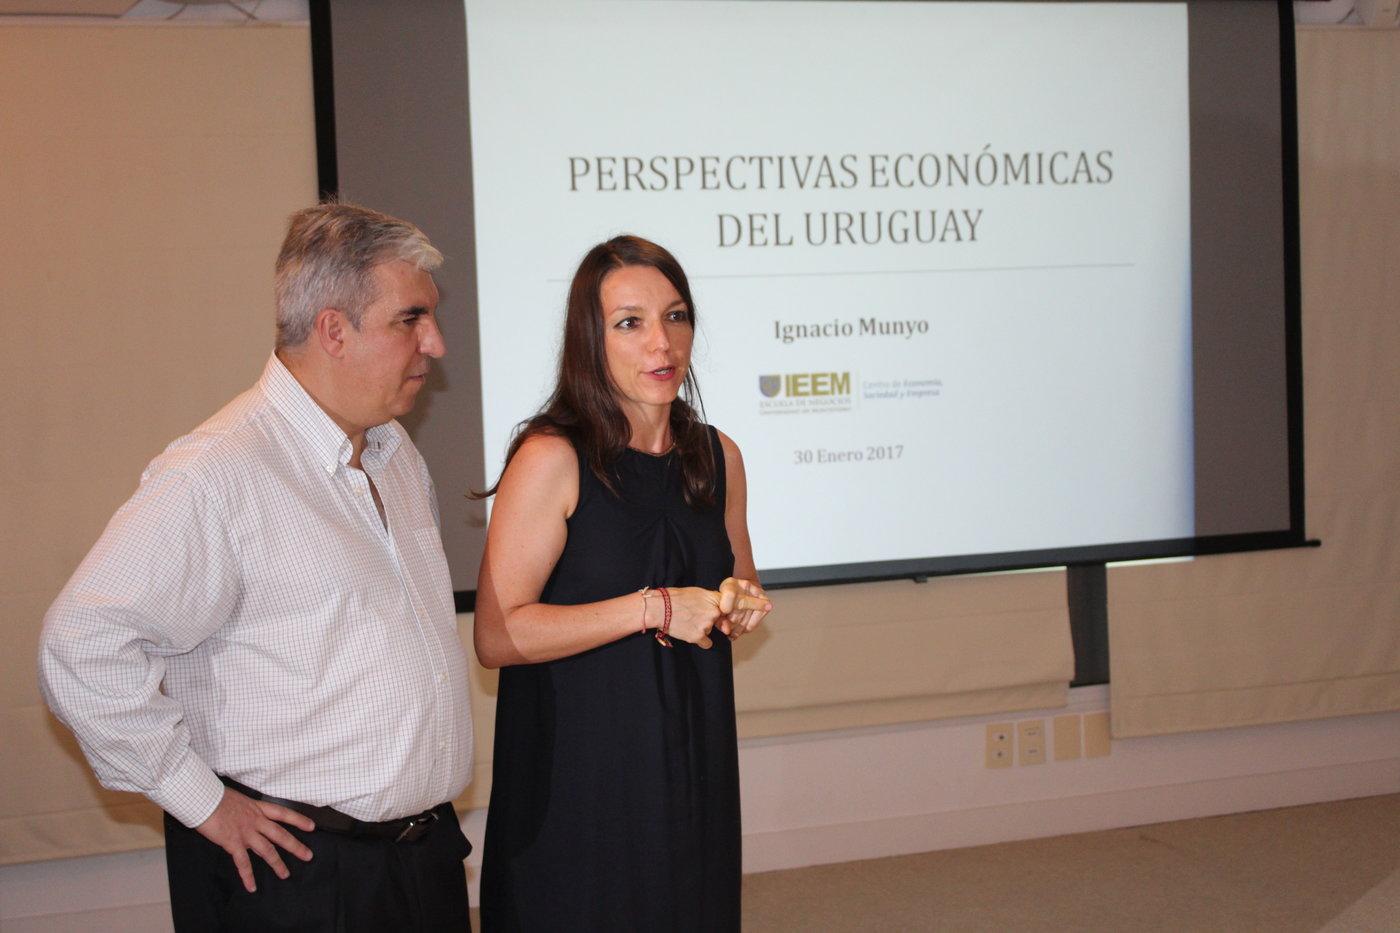 Perspectivas económicas del Uruguay